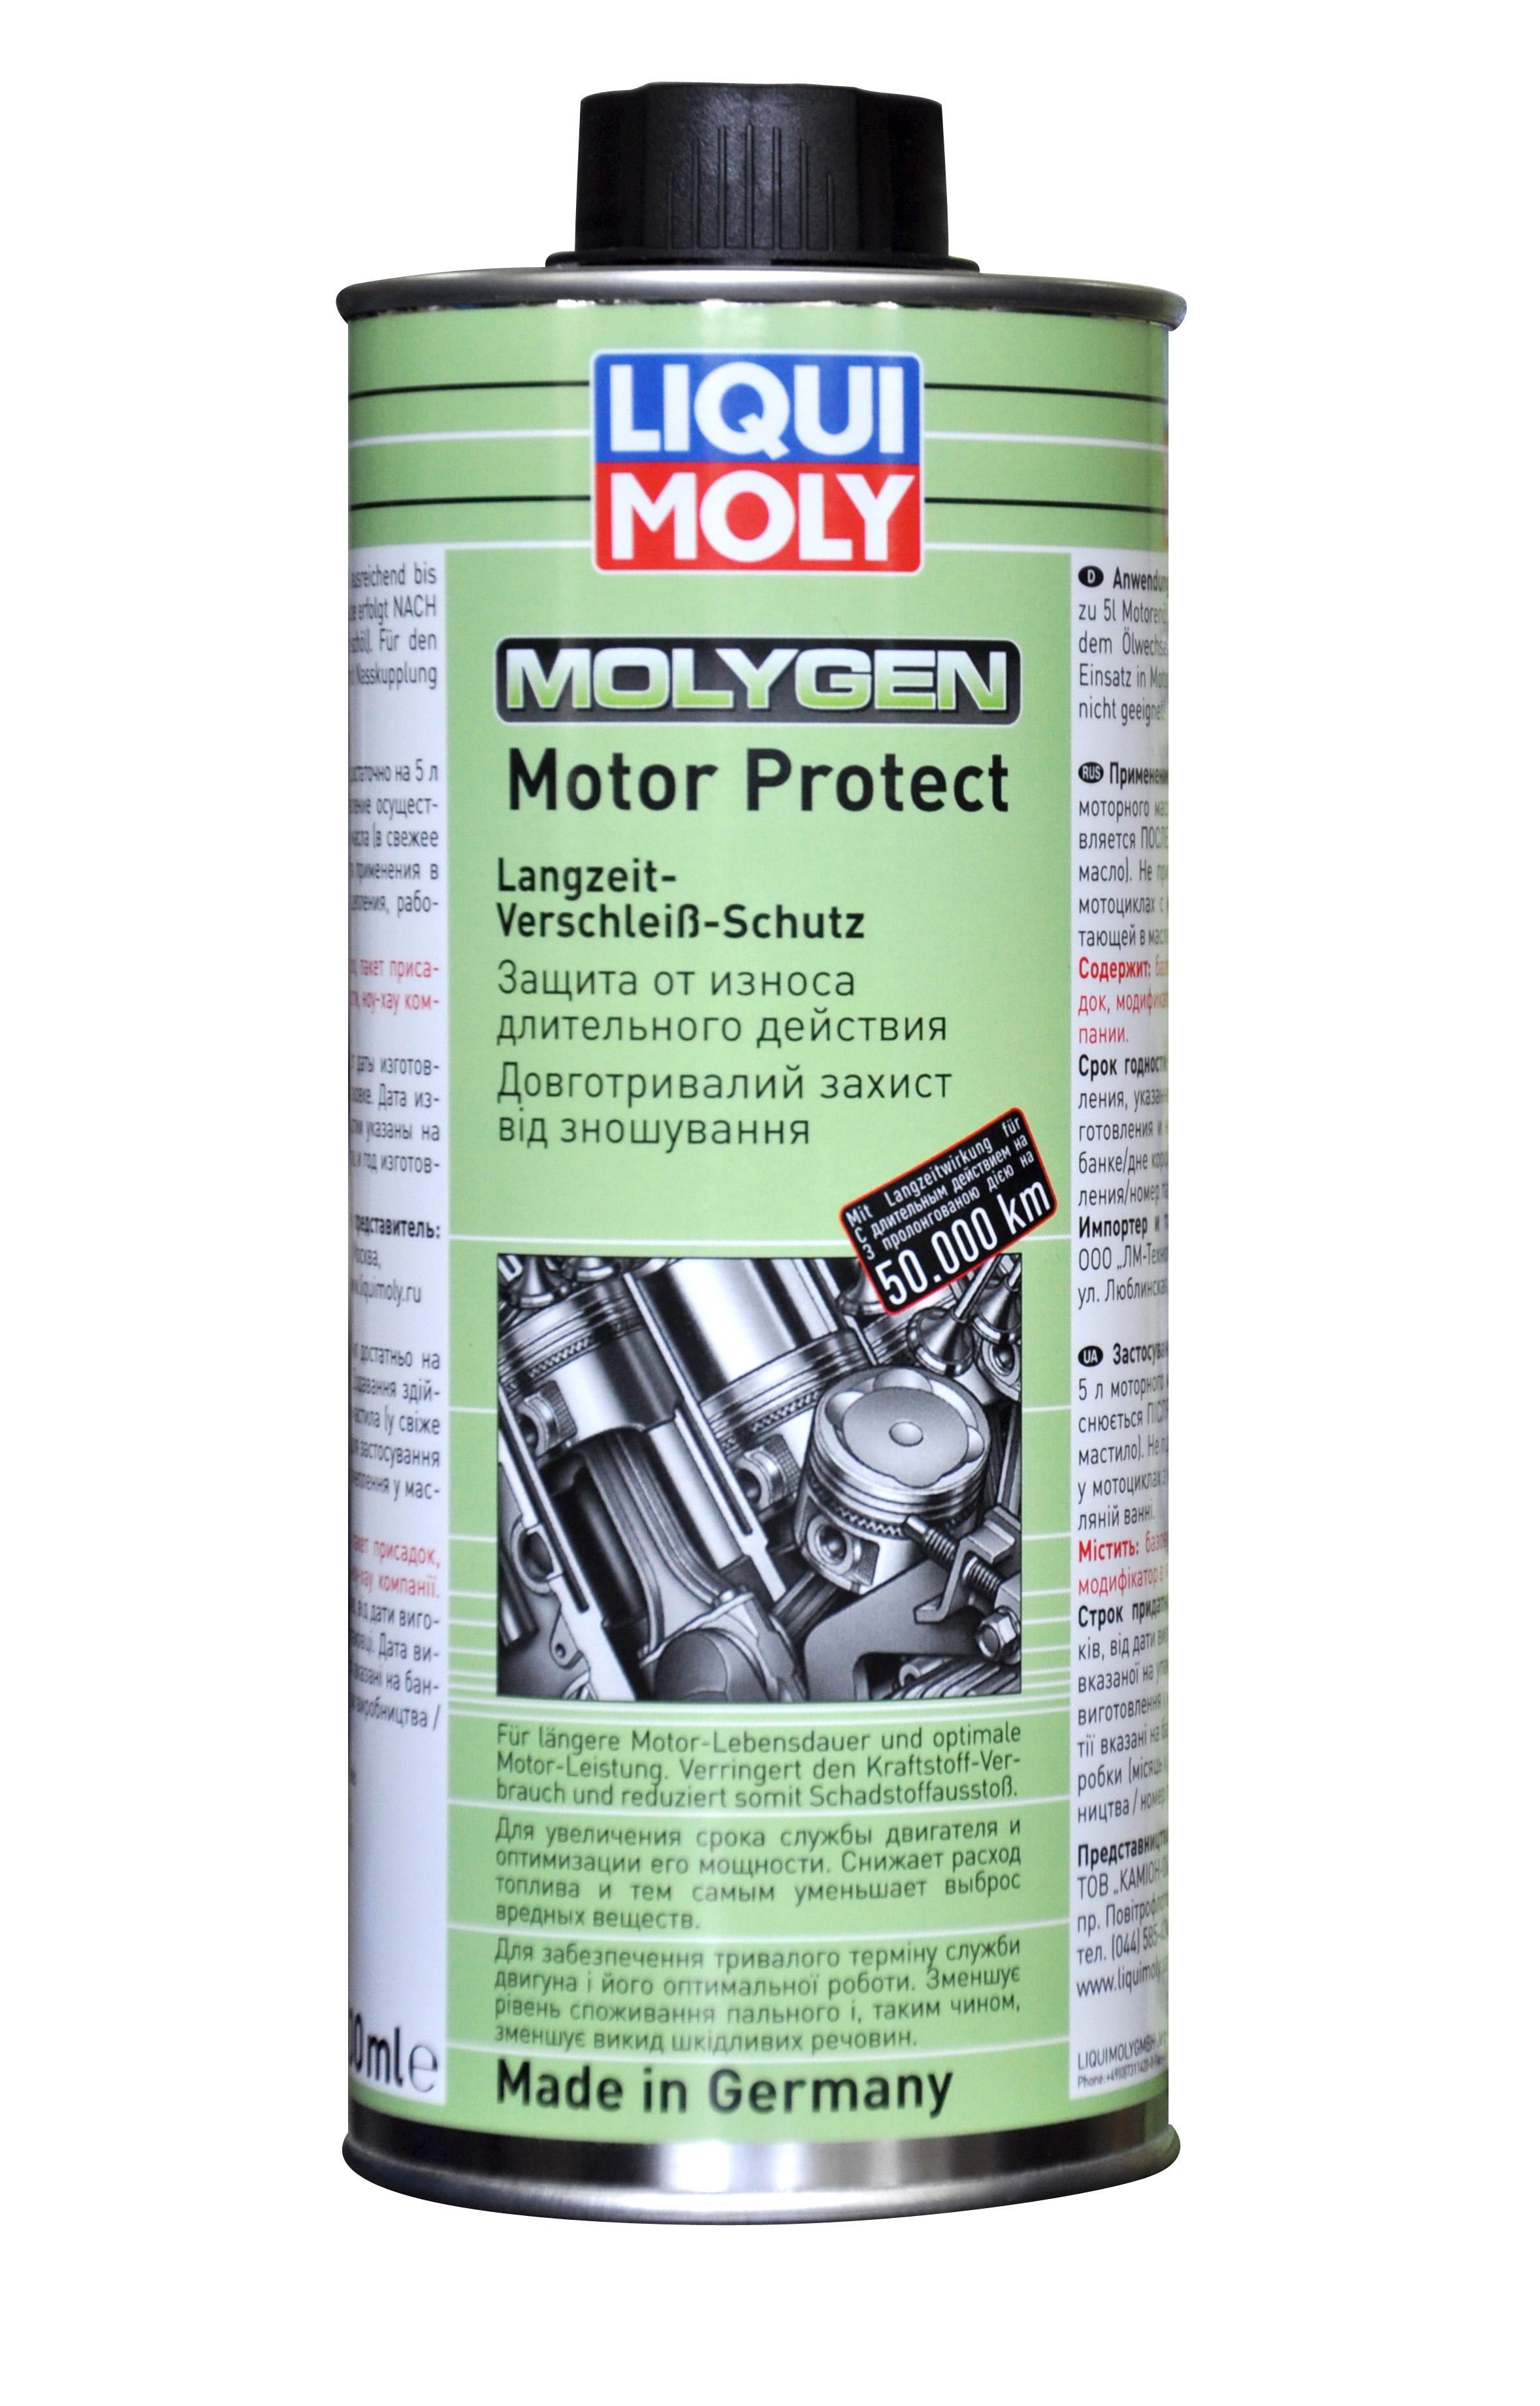 Антифрикционная присадка для долговременной защиты двигателя Molygen Motor Protect